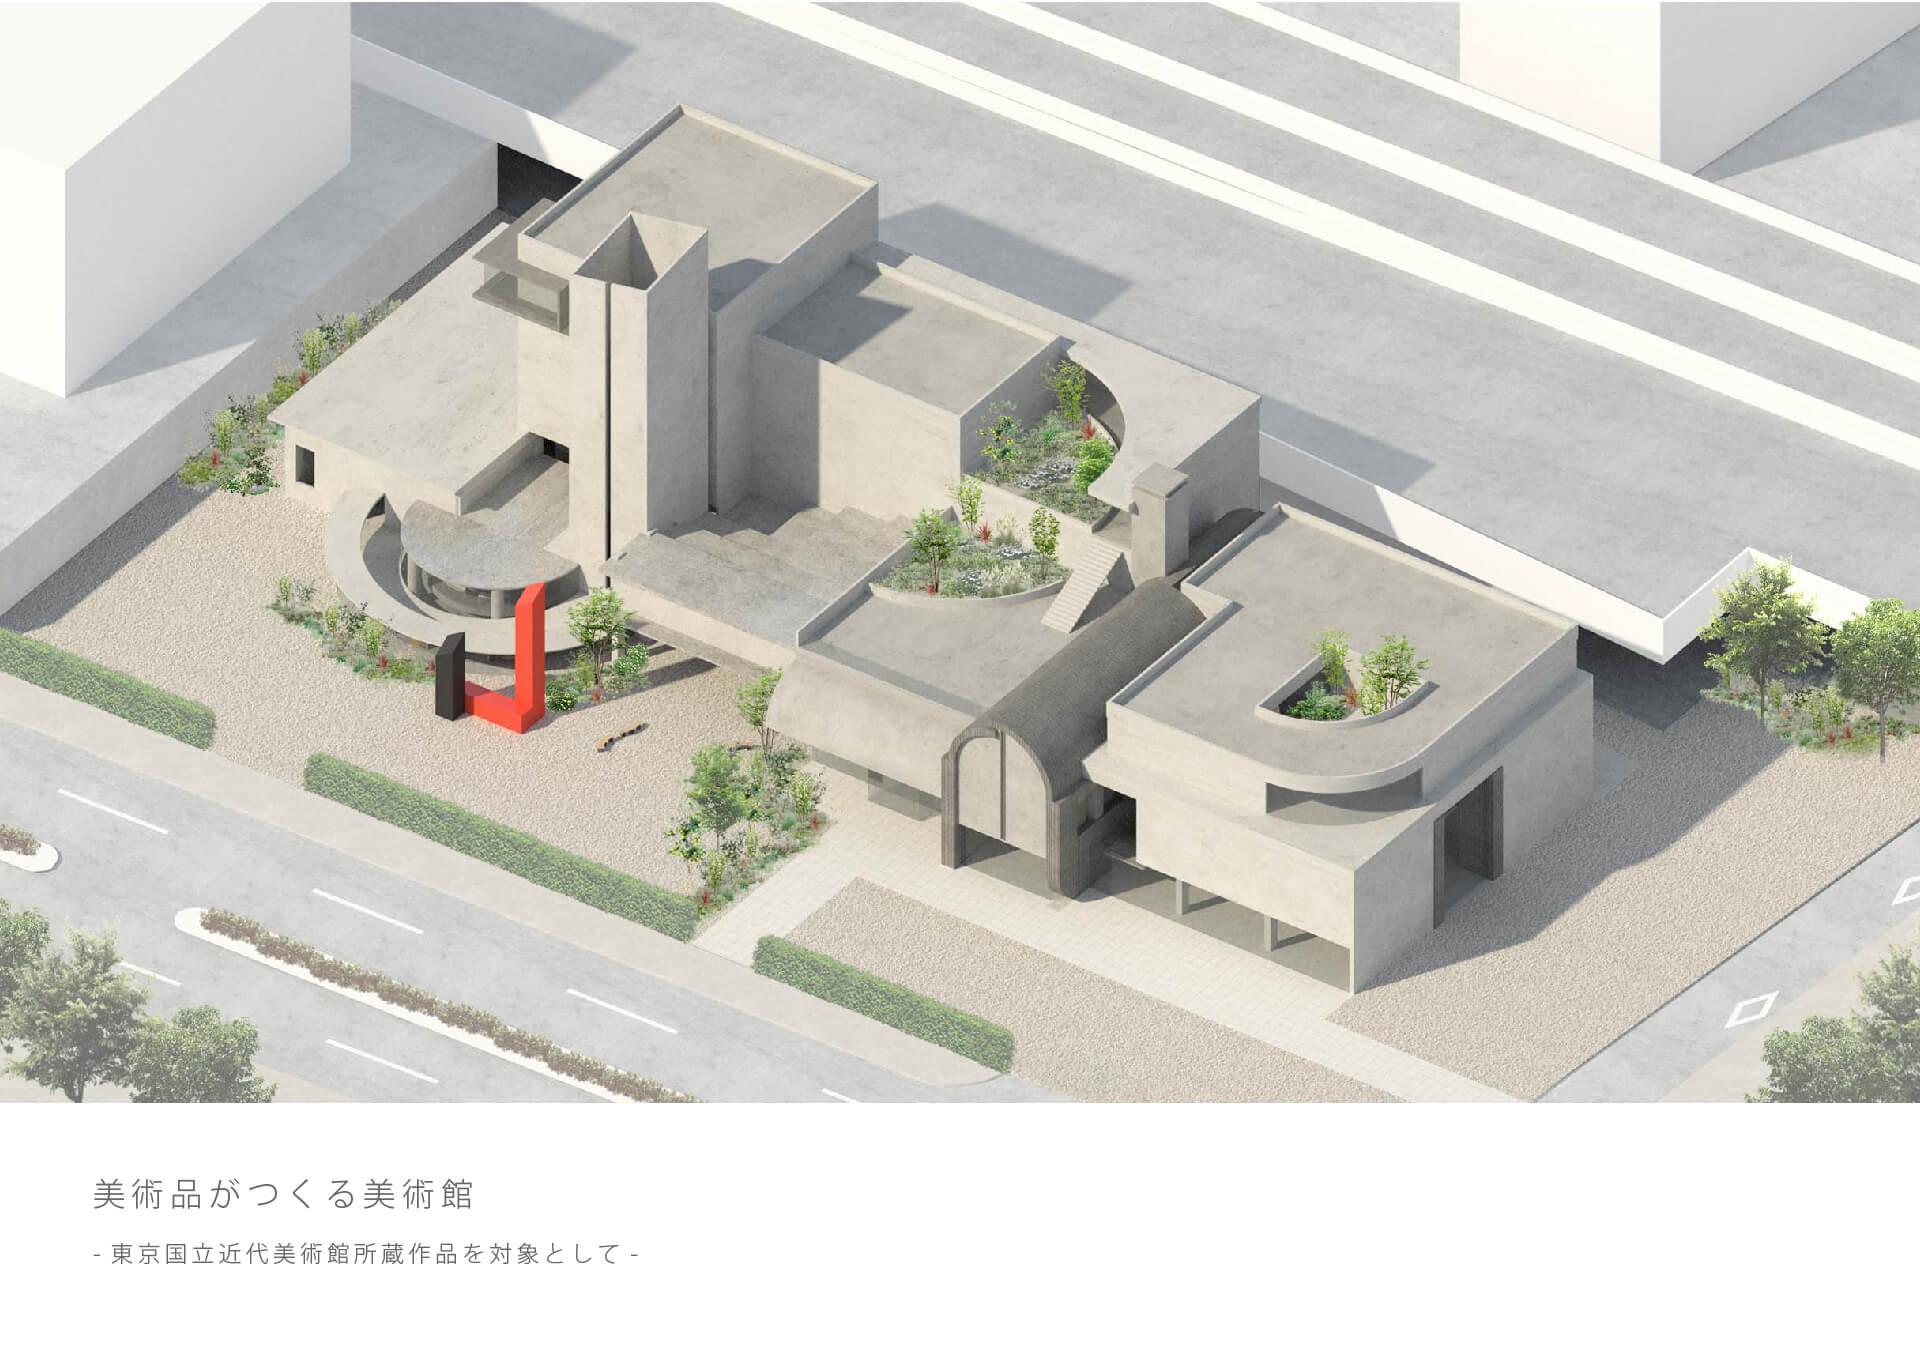 美術品がつくる美術館 -東京国立近代美術館所蔵作品を対象として--1